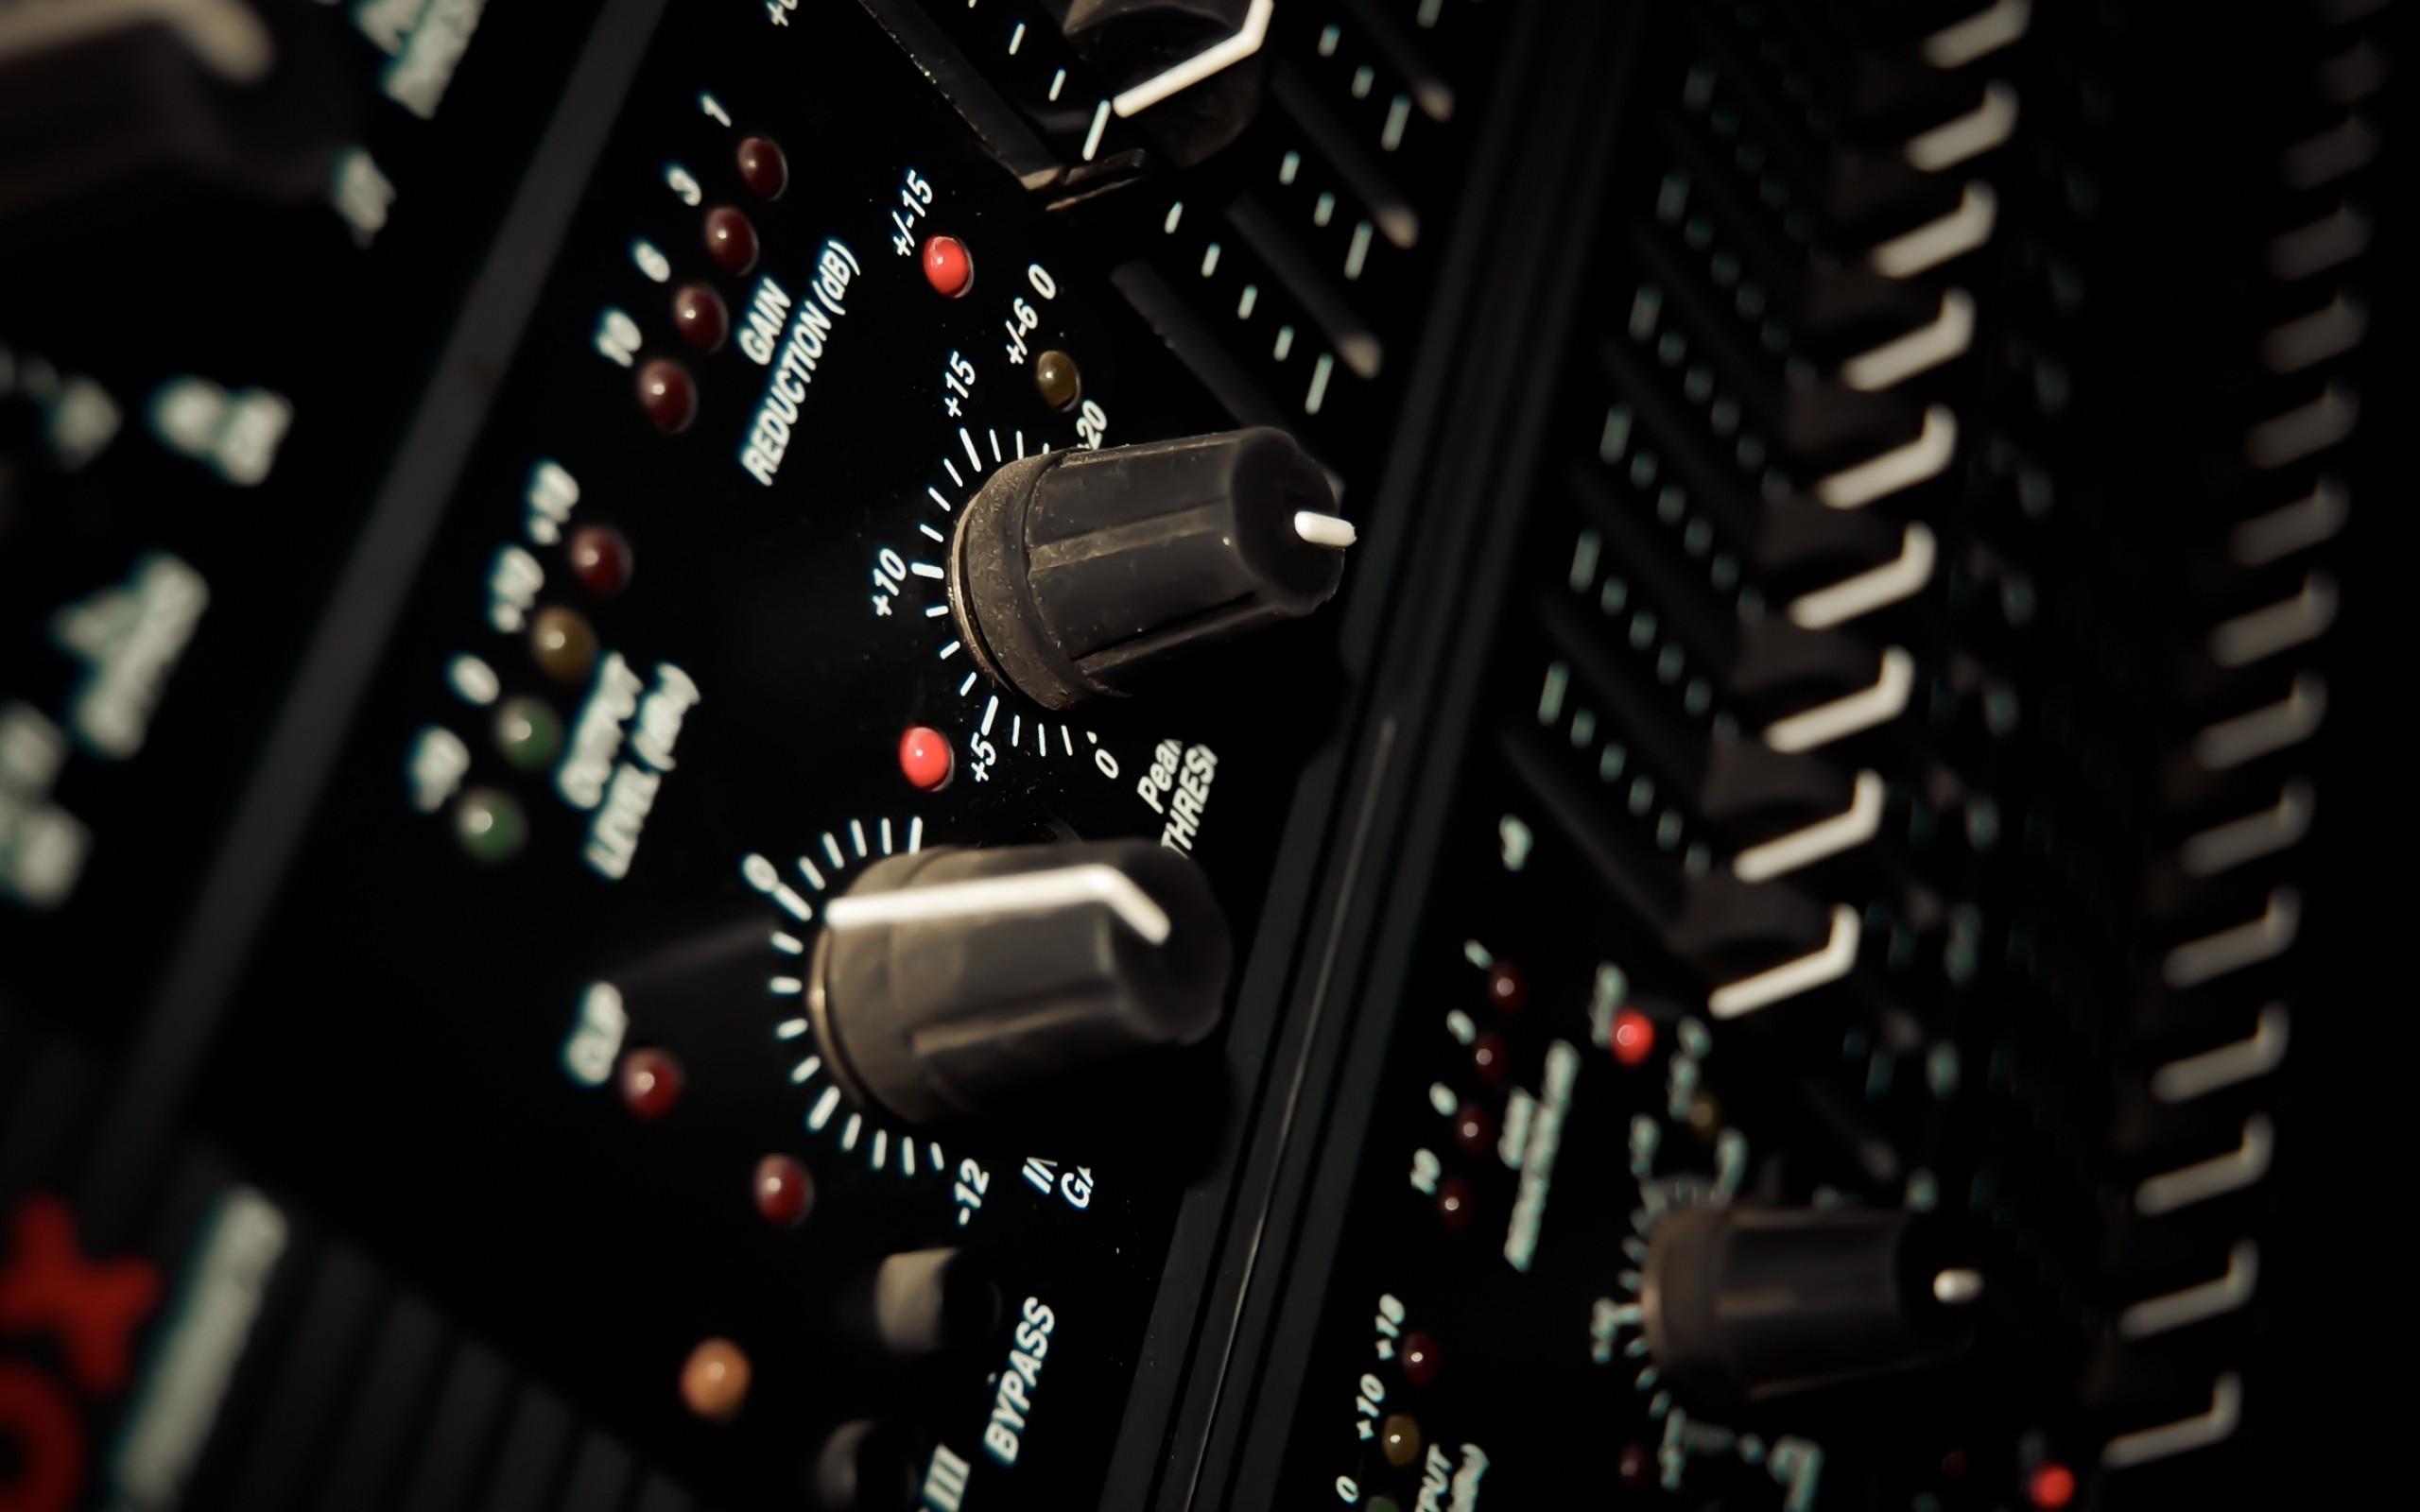 Music Studio Wallpaper 2560x1600 Music Studio Mixers 2560x1600